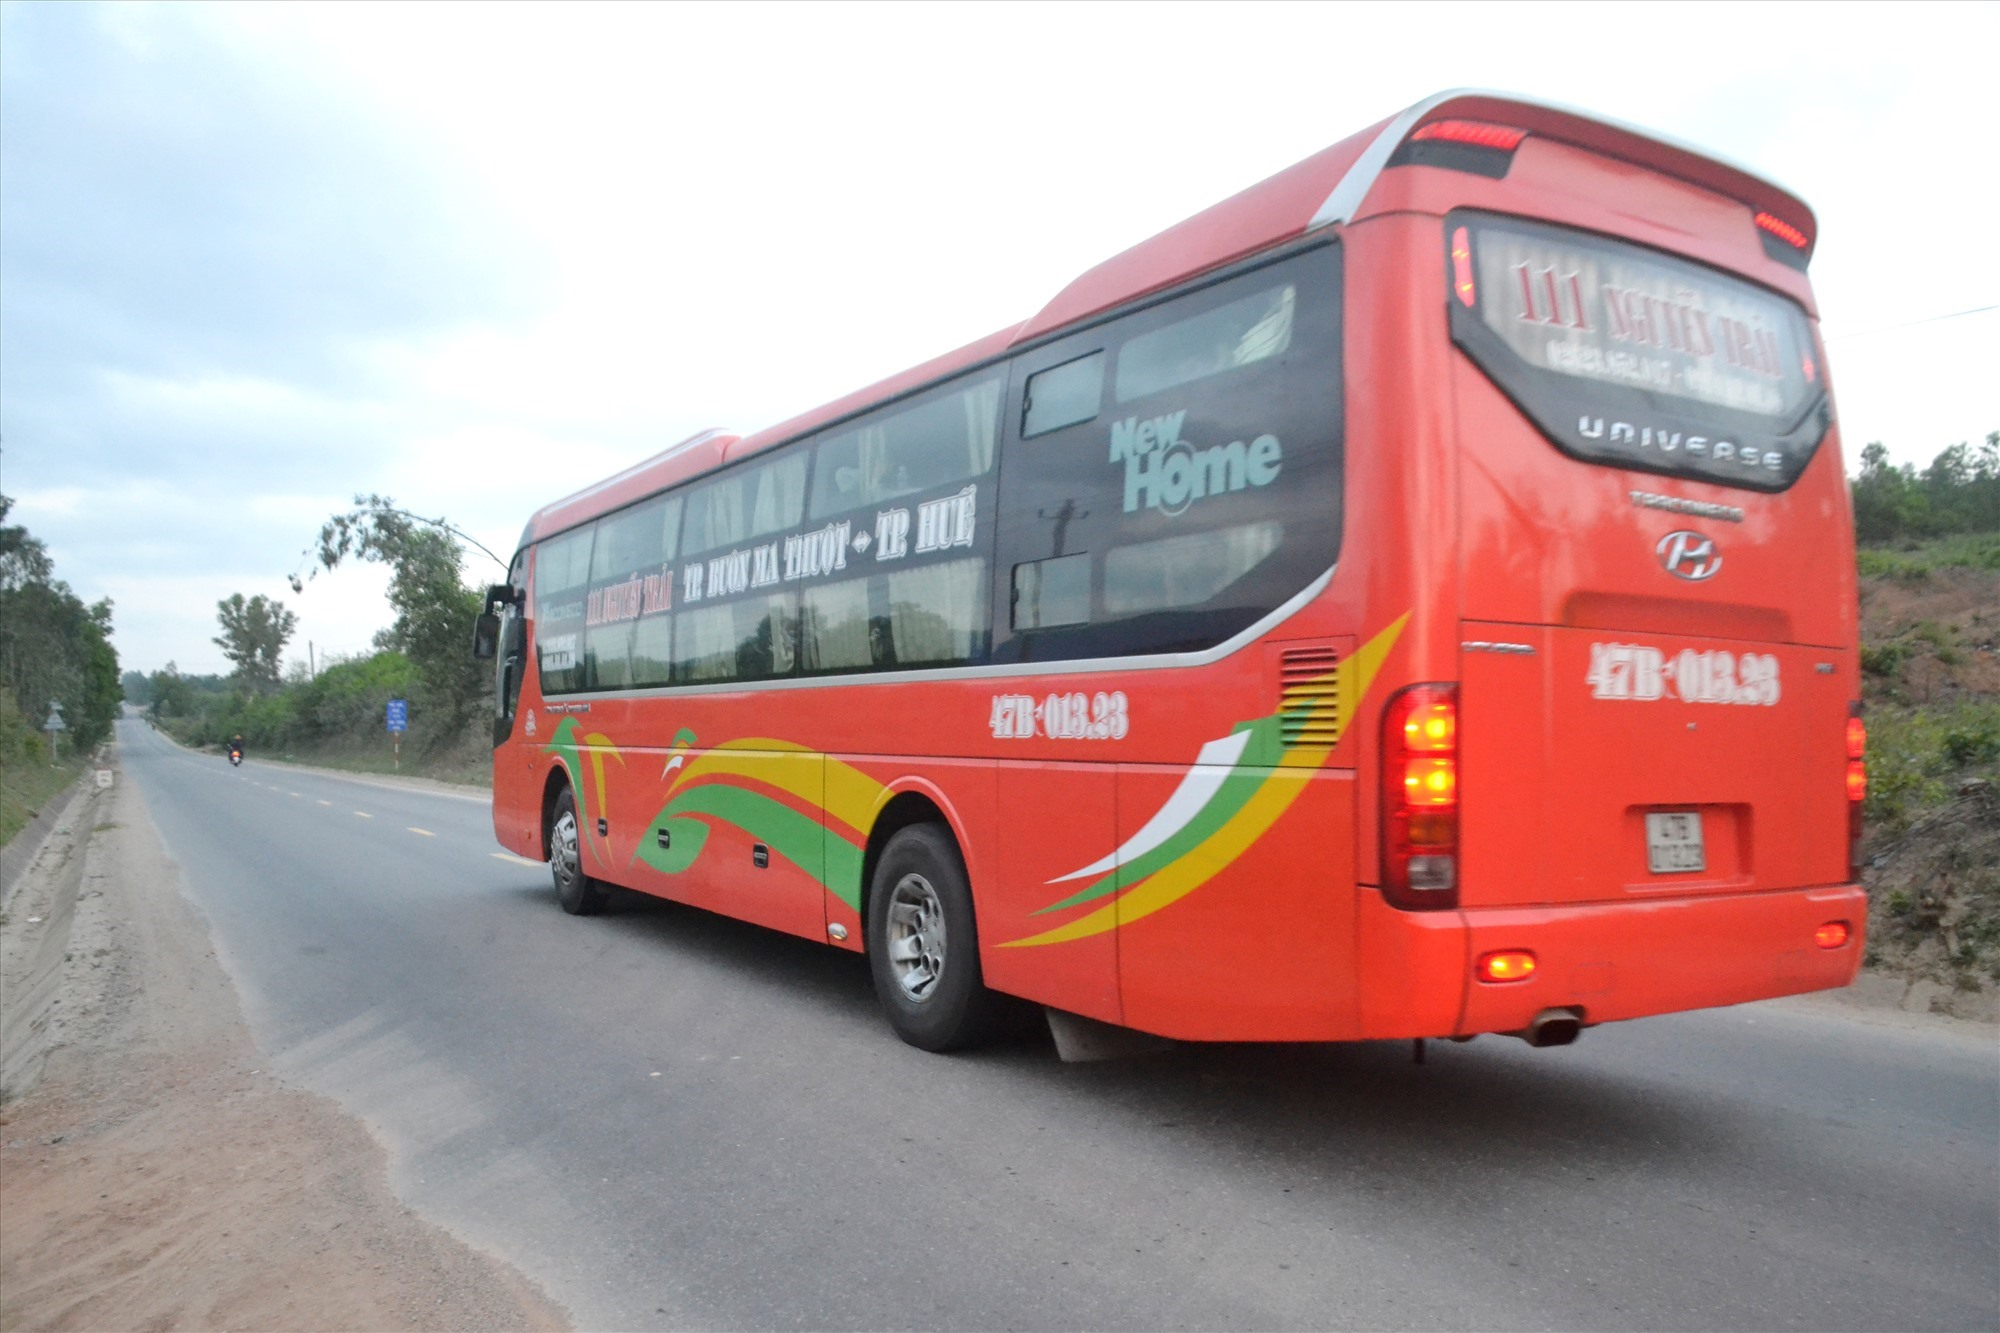 Chiều cuối năm Kỷ Hợi, xe chở khách chạy từ TP.Buôn Ma Thuột (Đắk Lắk) đi trên quốc lộ 14B qua địa bàn Quảng Nam để đến TP.Huế (Thừa Thiên Huế). Ảnh: CT